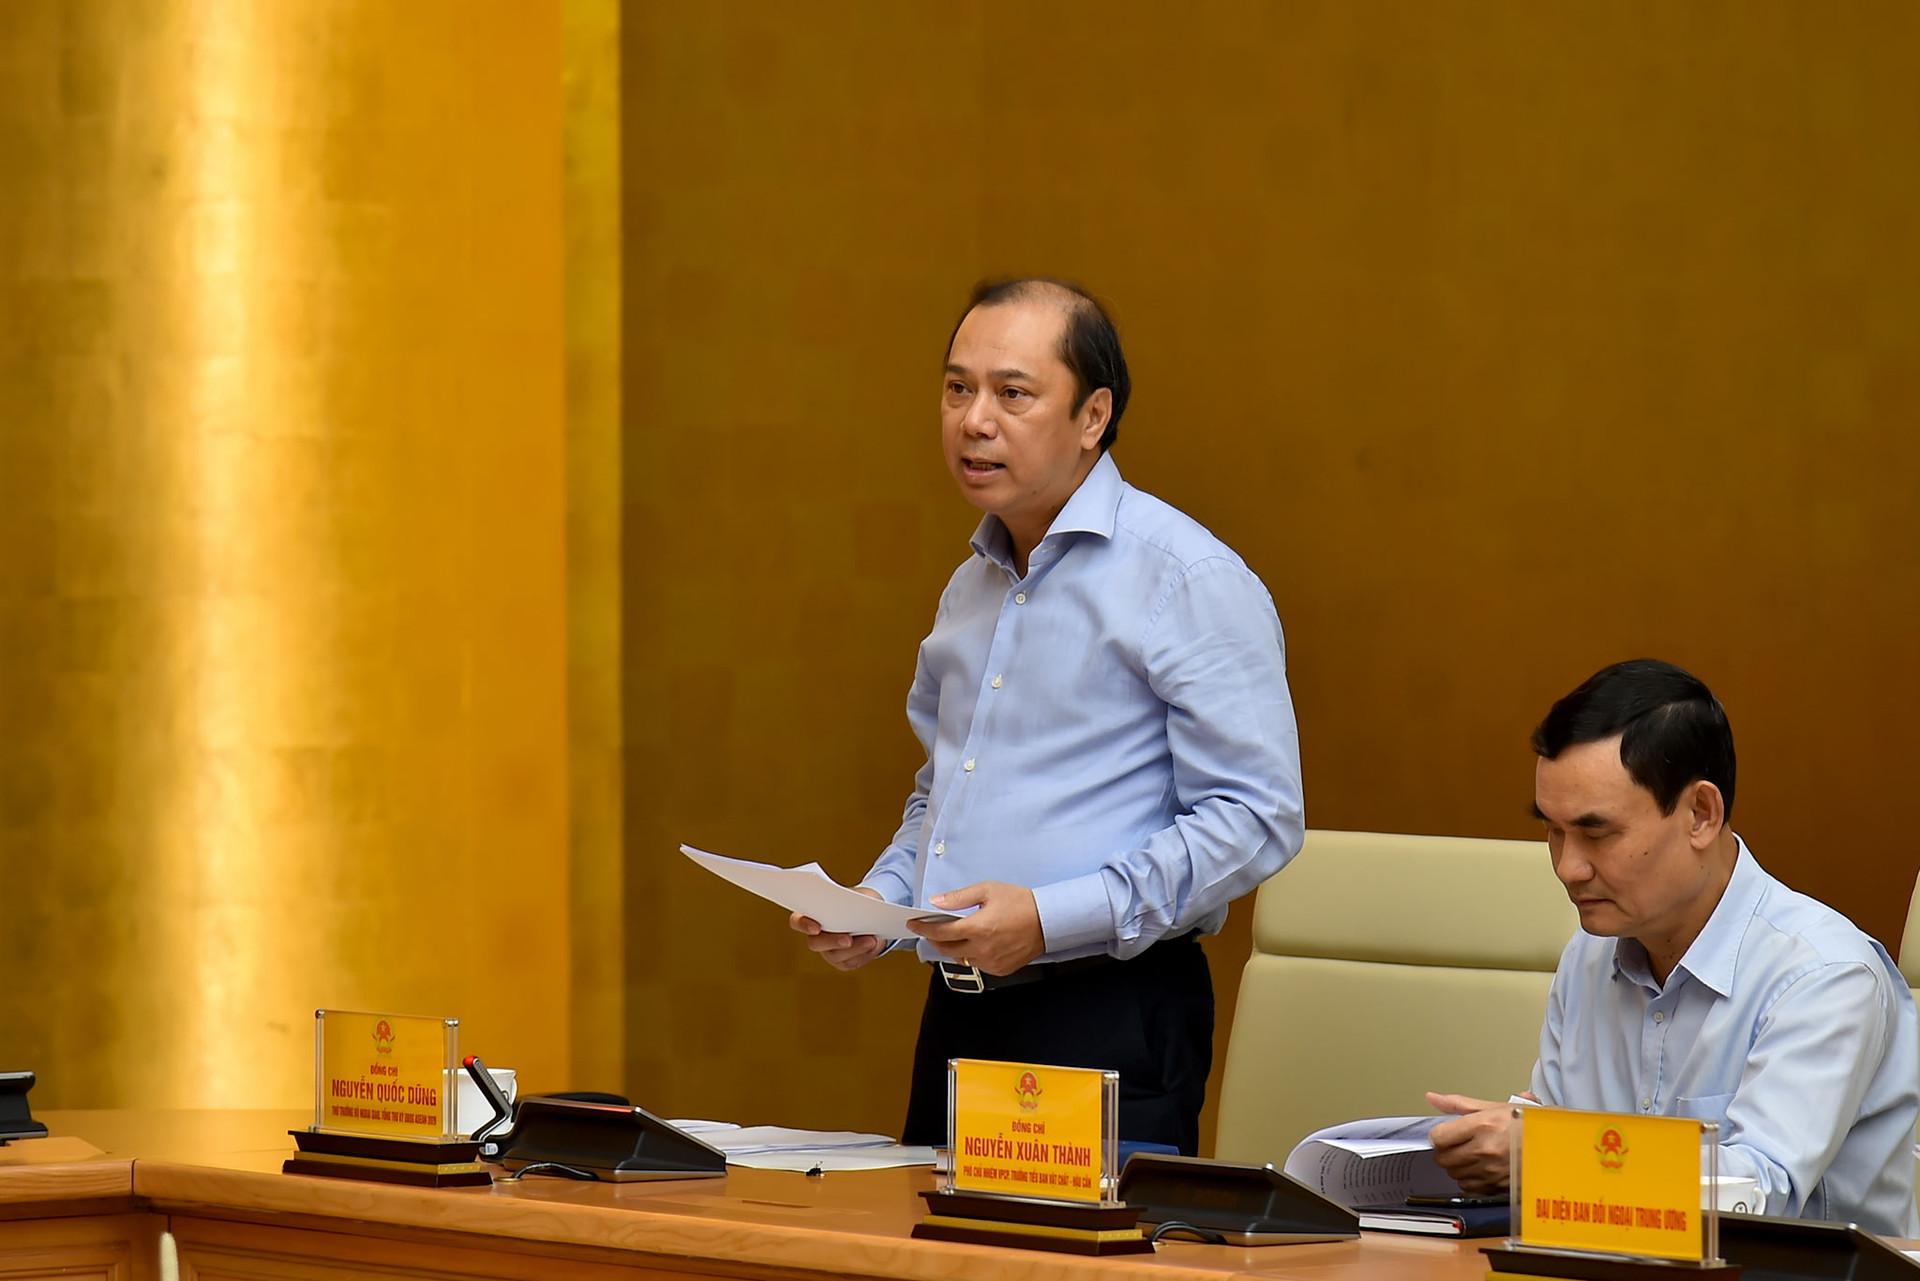 Phó Thủ tướng Phạm Bình Minh chủ trì phiên họp thứ 5 Ủy ban Quốc gia ASEAN 2020